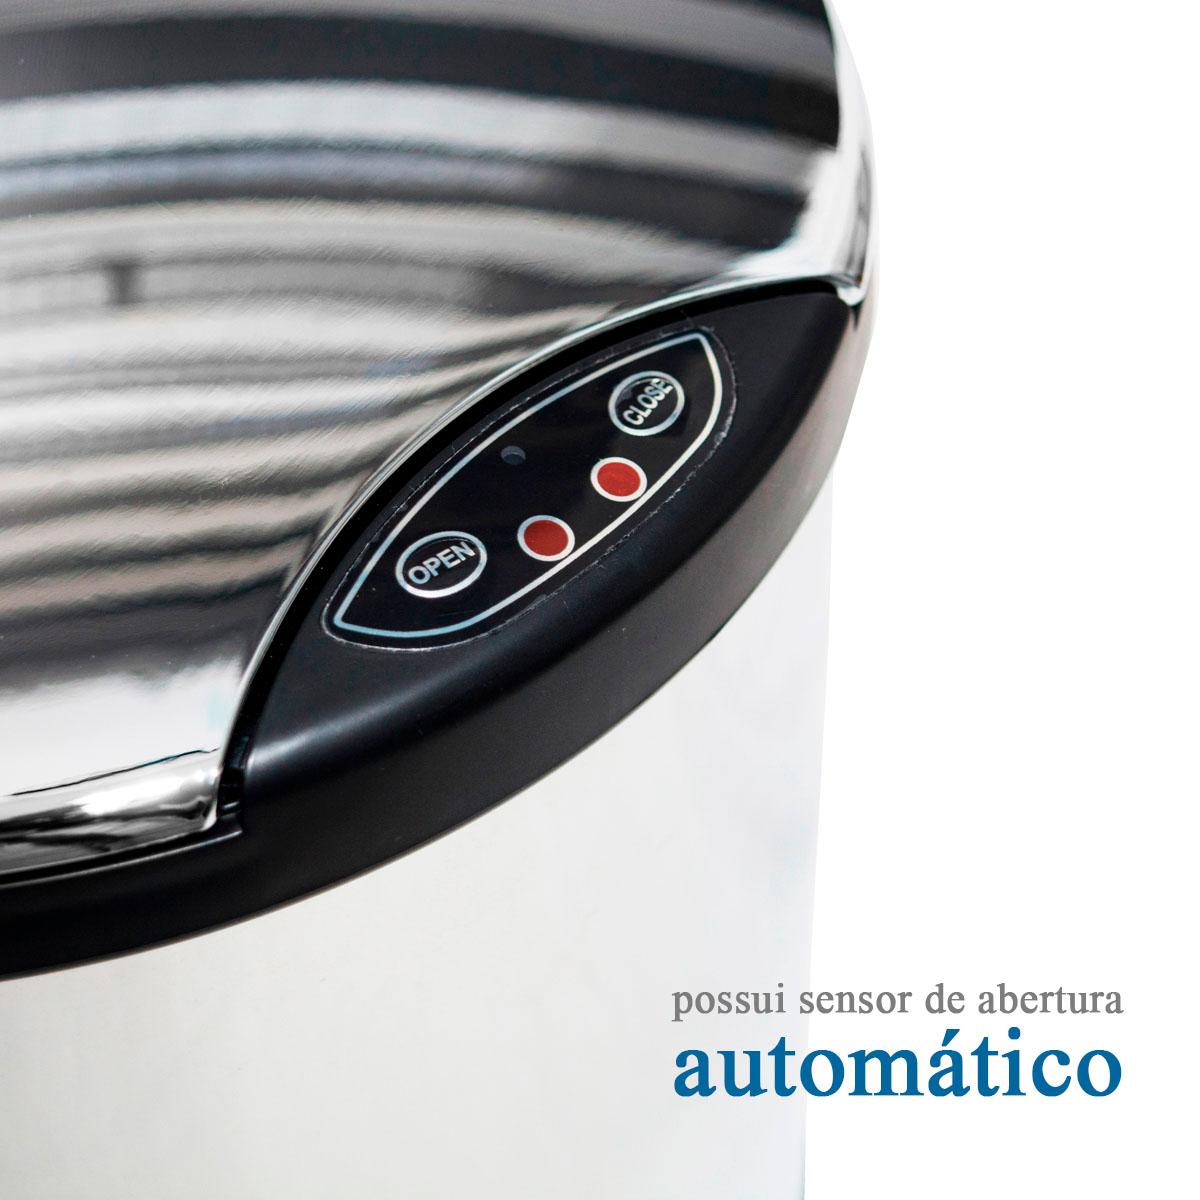 Lixeira Inox Espelhada Com Sensor Automático 6 Litros Westing - Com Avarias